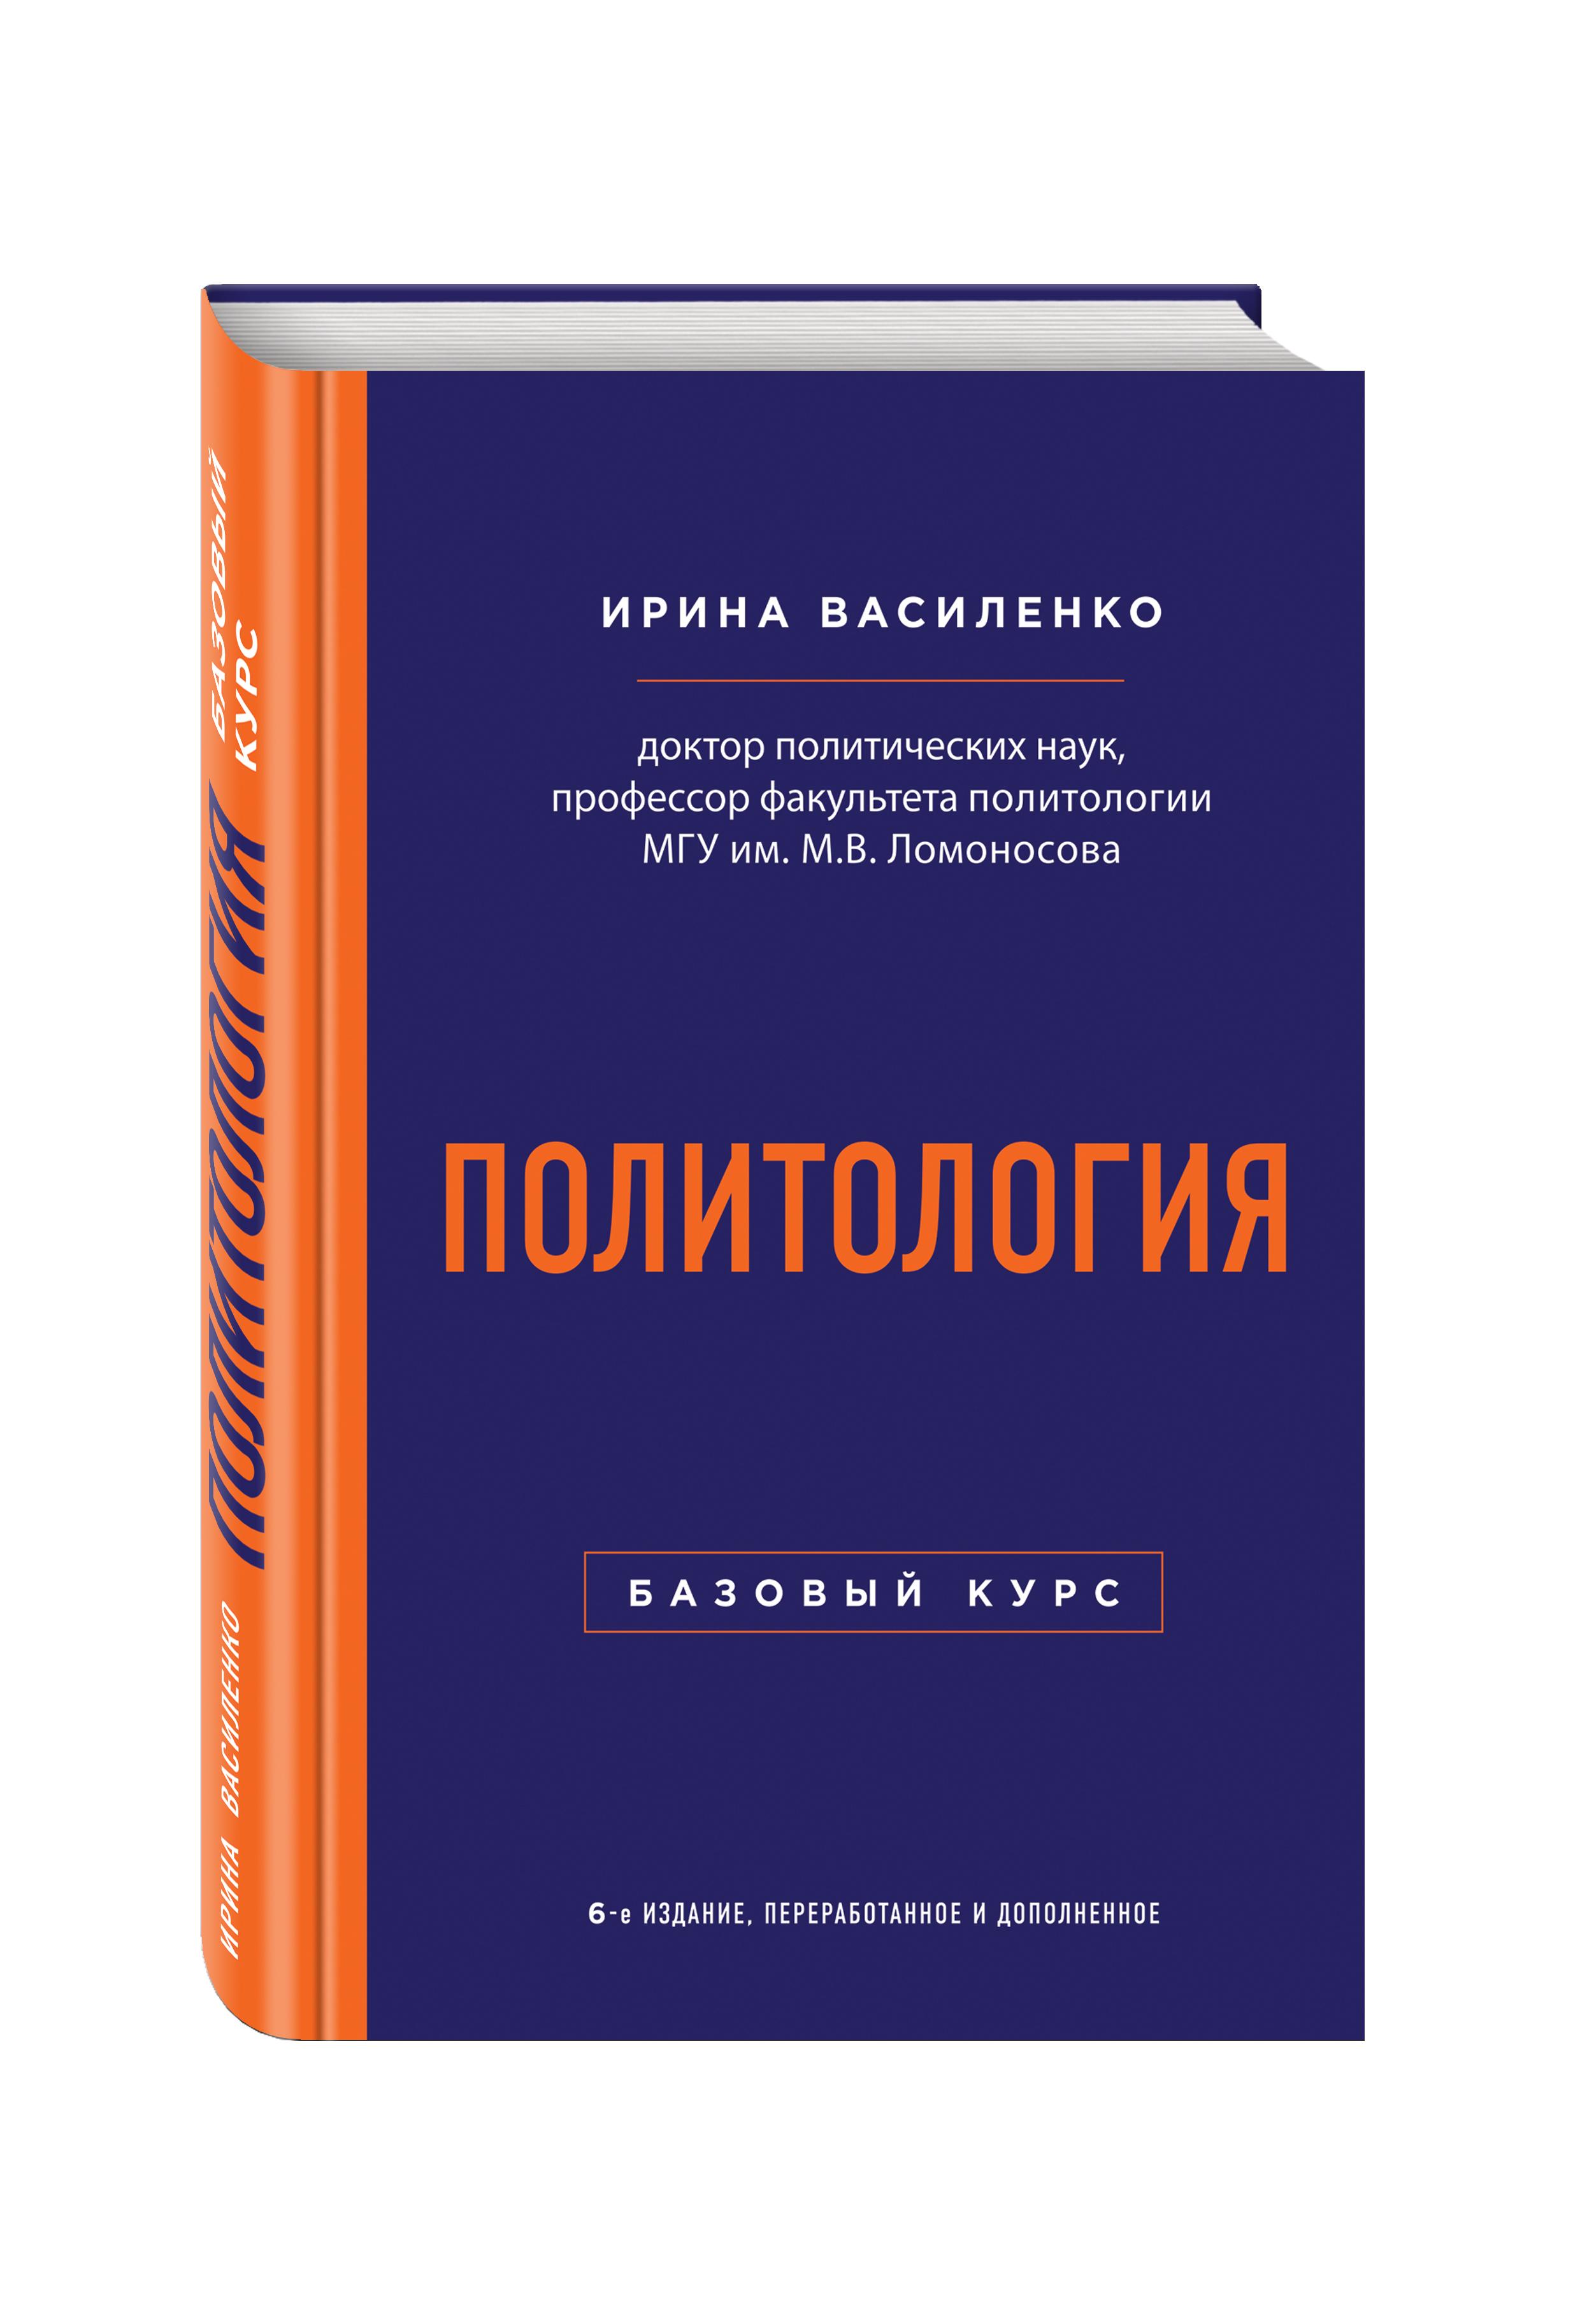 Политология. Базовый курс. 6-е издание, переработанное и дополненное